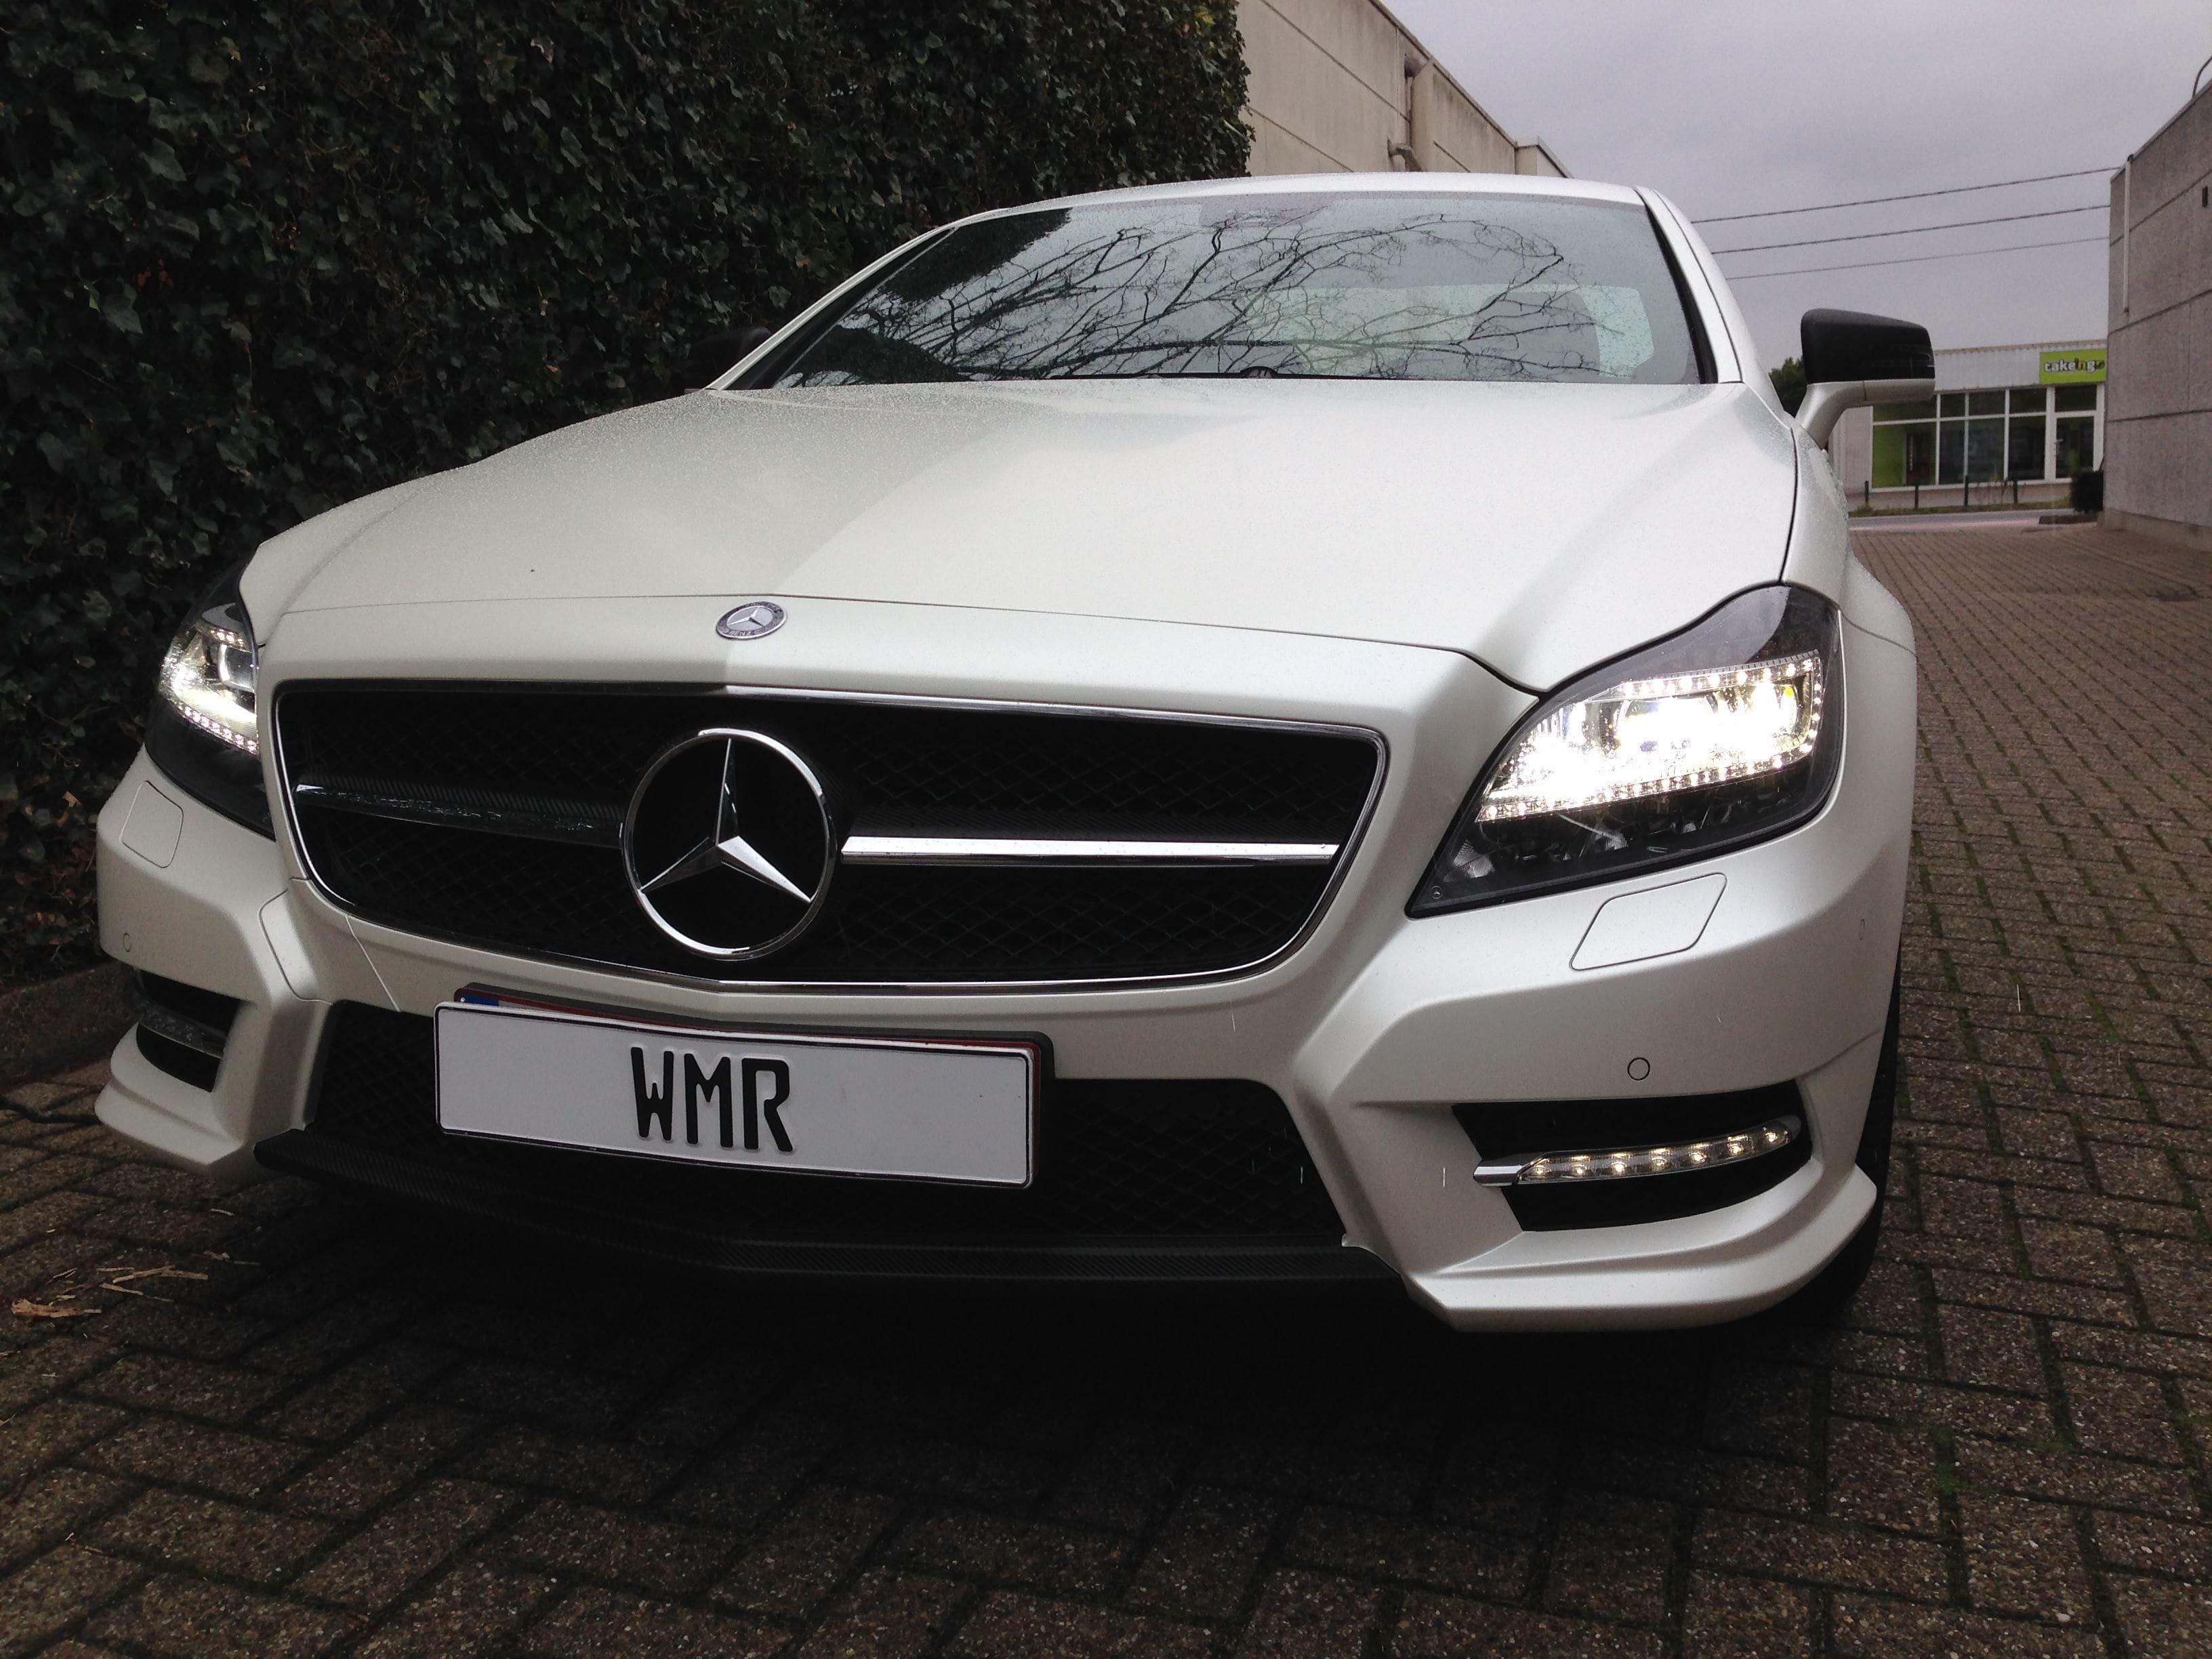 Mercedes CLS met White Satin Pearl Wrap, Carwrapping door Wrapmyride.nu Foto-nr:6203, ©2021